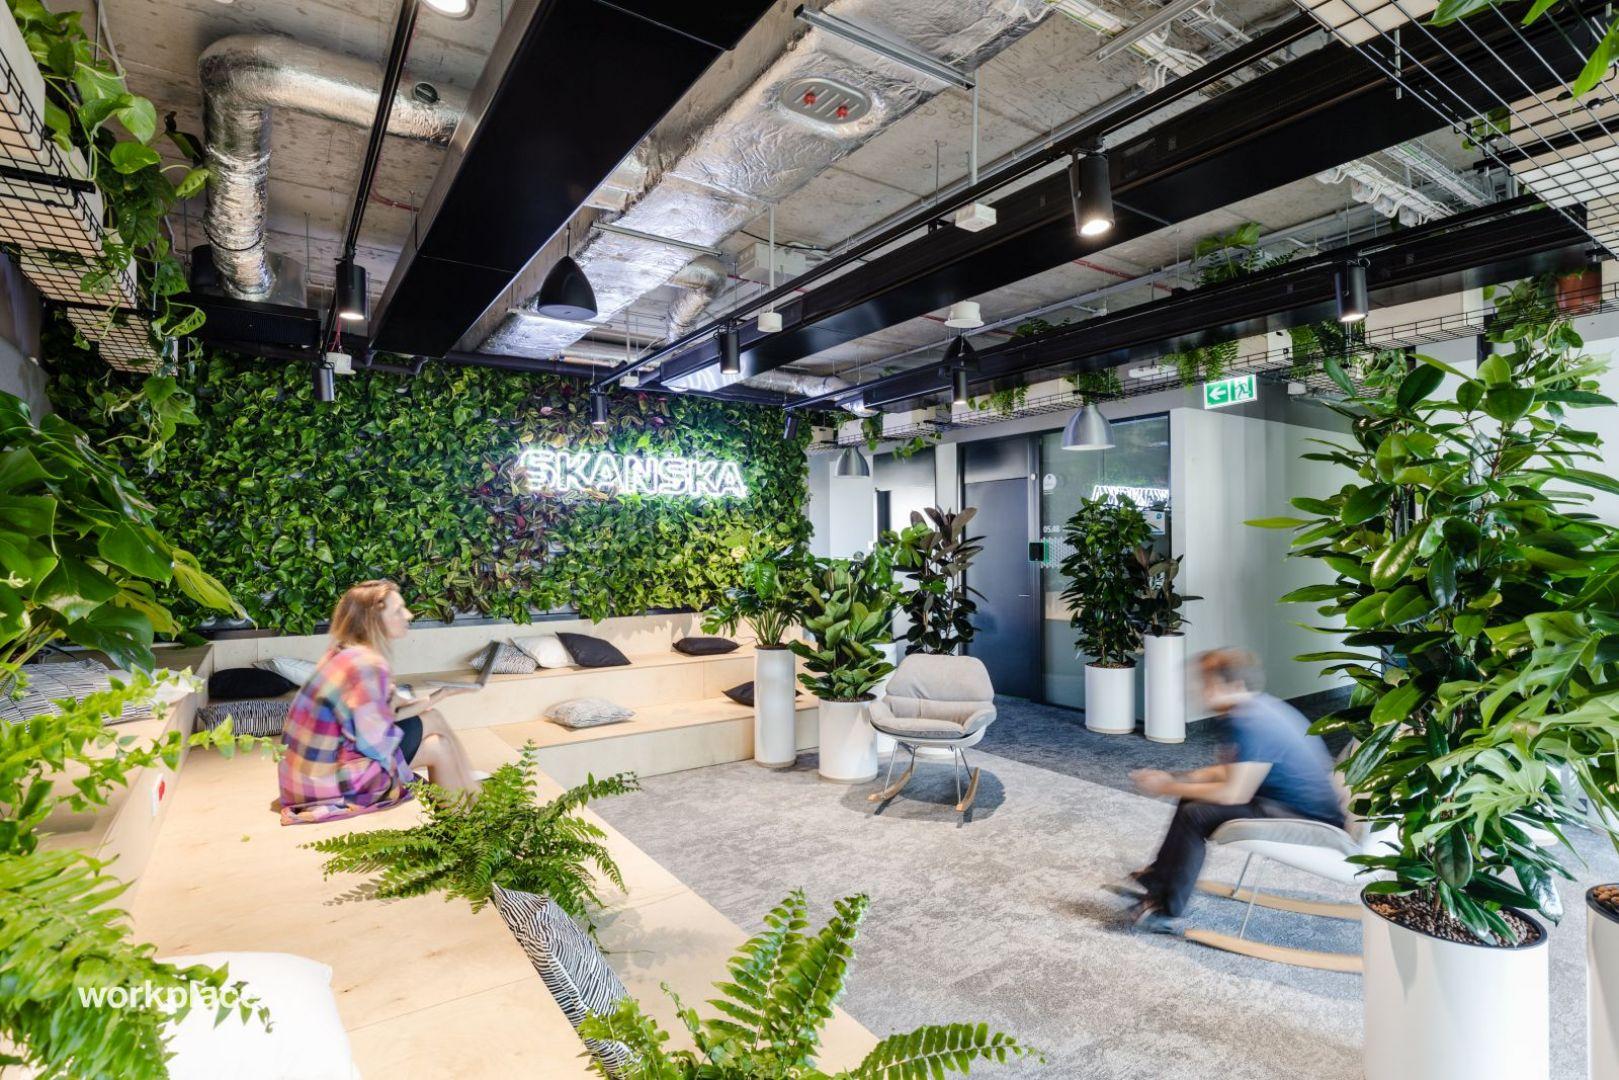 Biuro firmy Skanska. Fot. Workplace Solutions